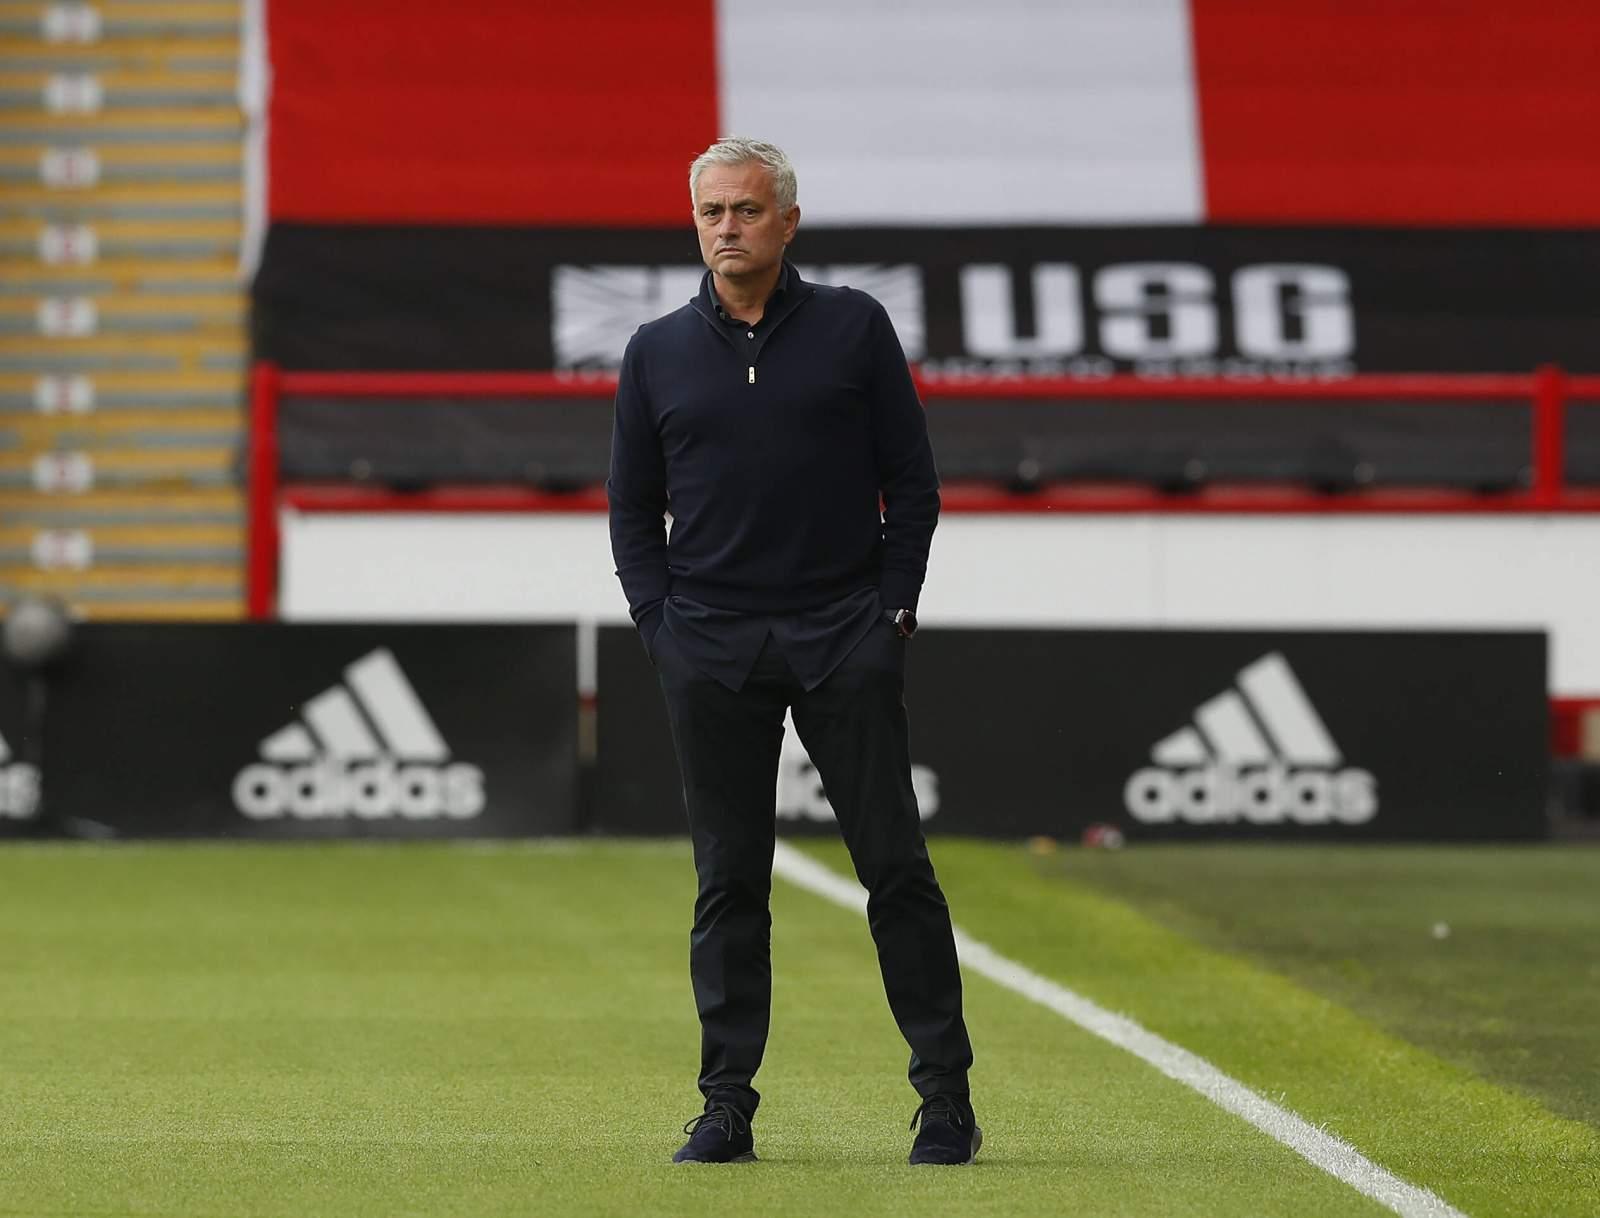 Моуринью – Бэйлу: «Ты хочешь остаться в «Тоттенхэме» или вернуться в «Реал» и не играть?»